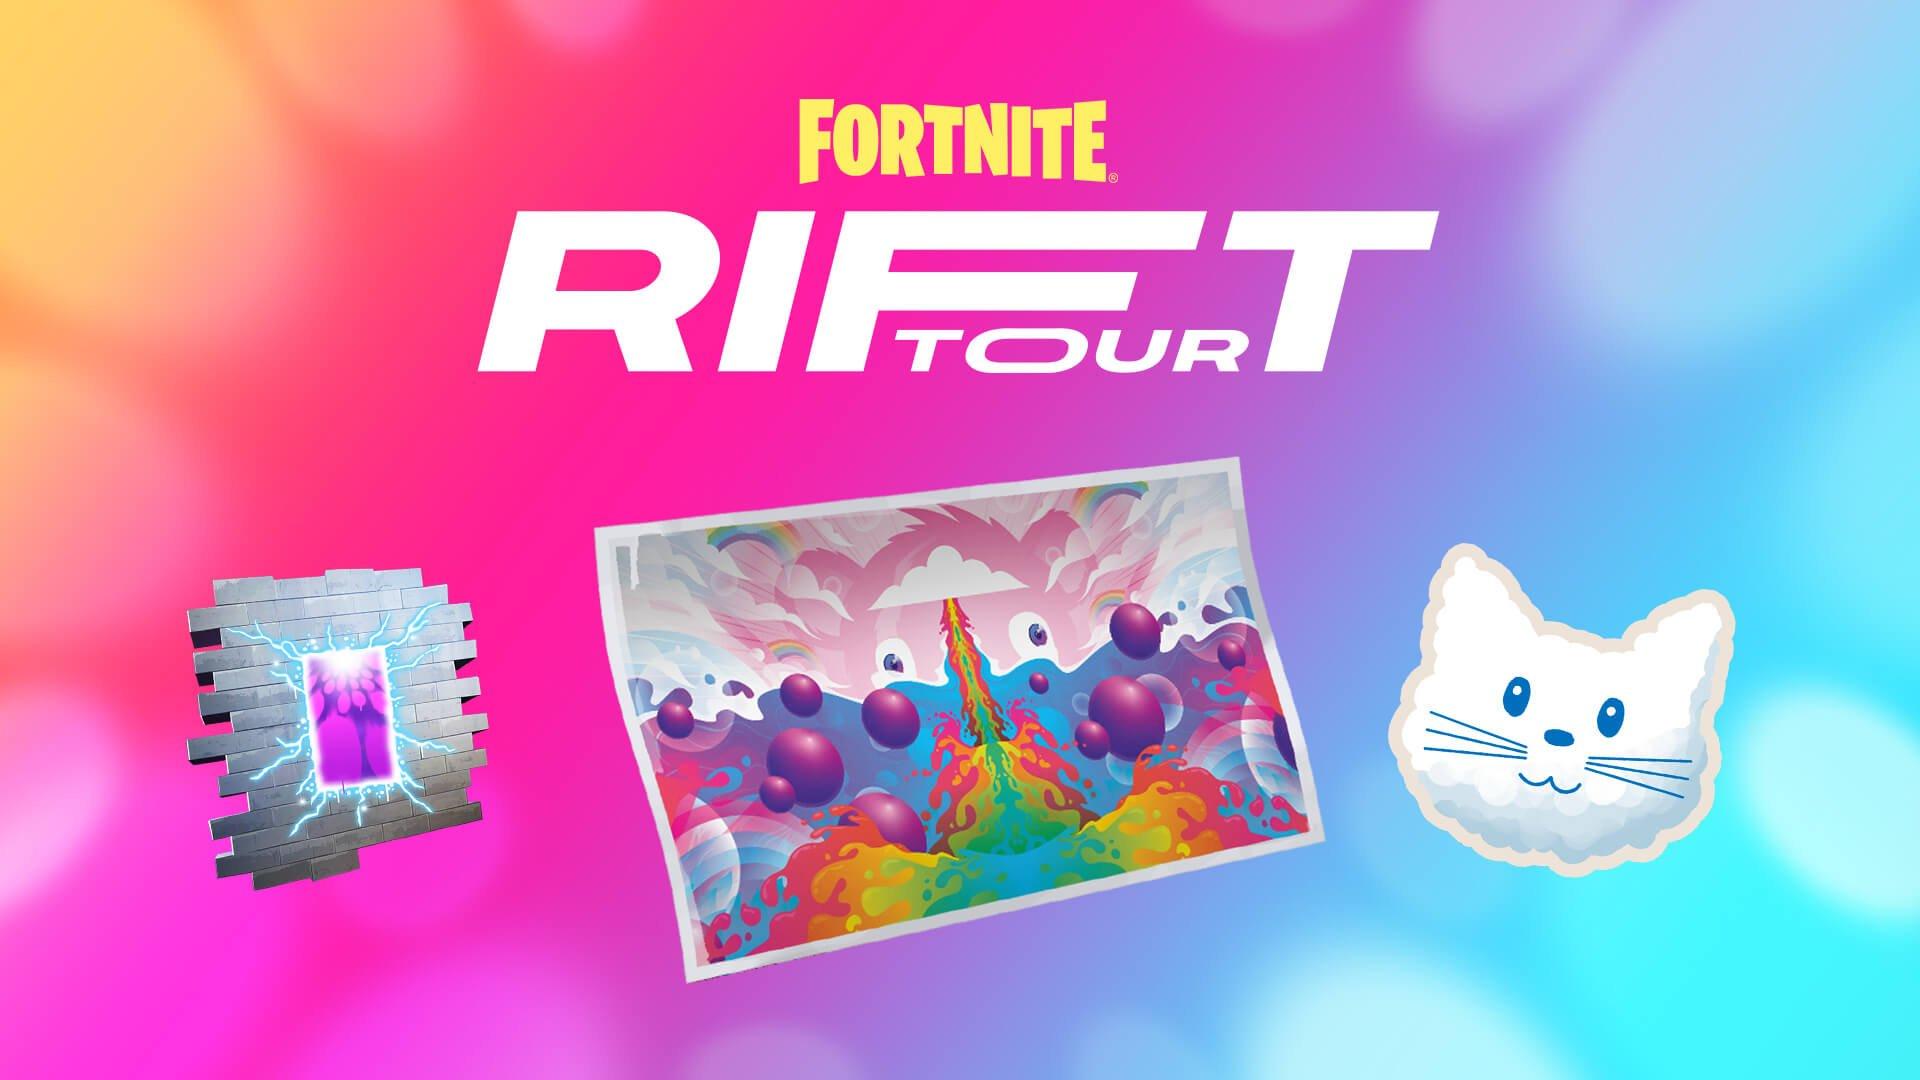 Fortnite Ariana Grande rift tour rewards